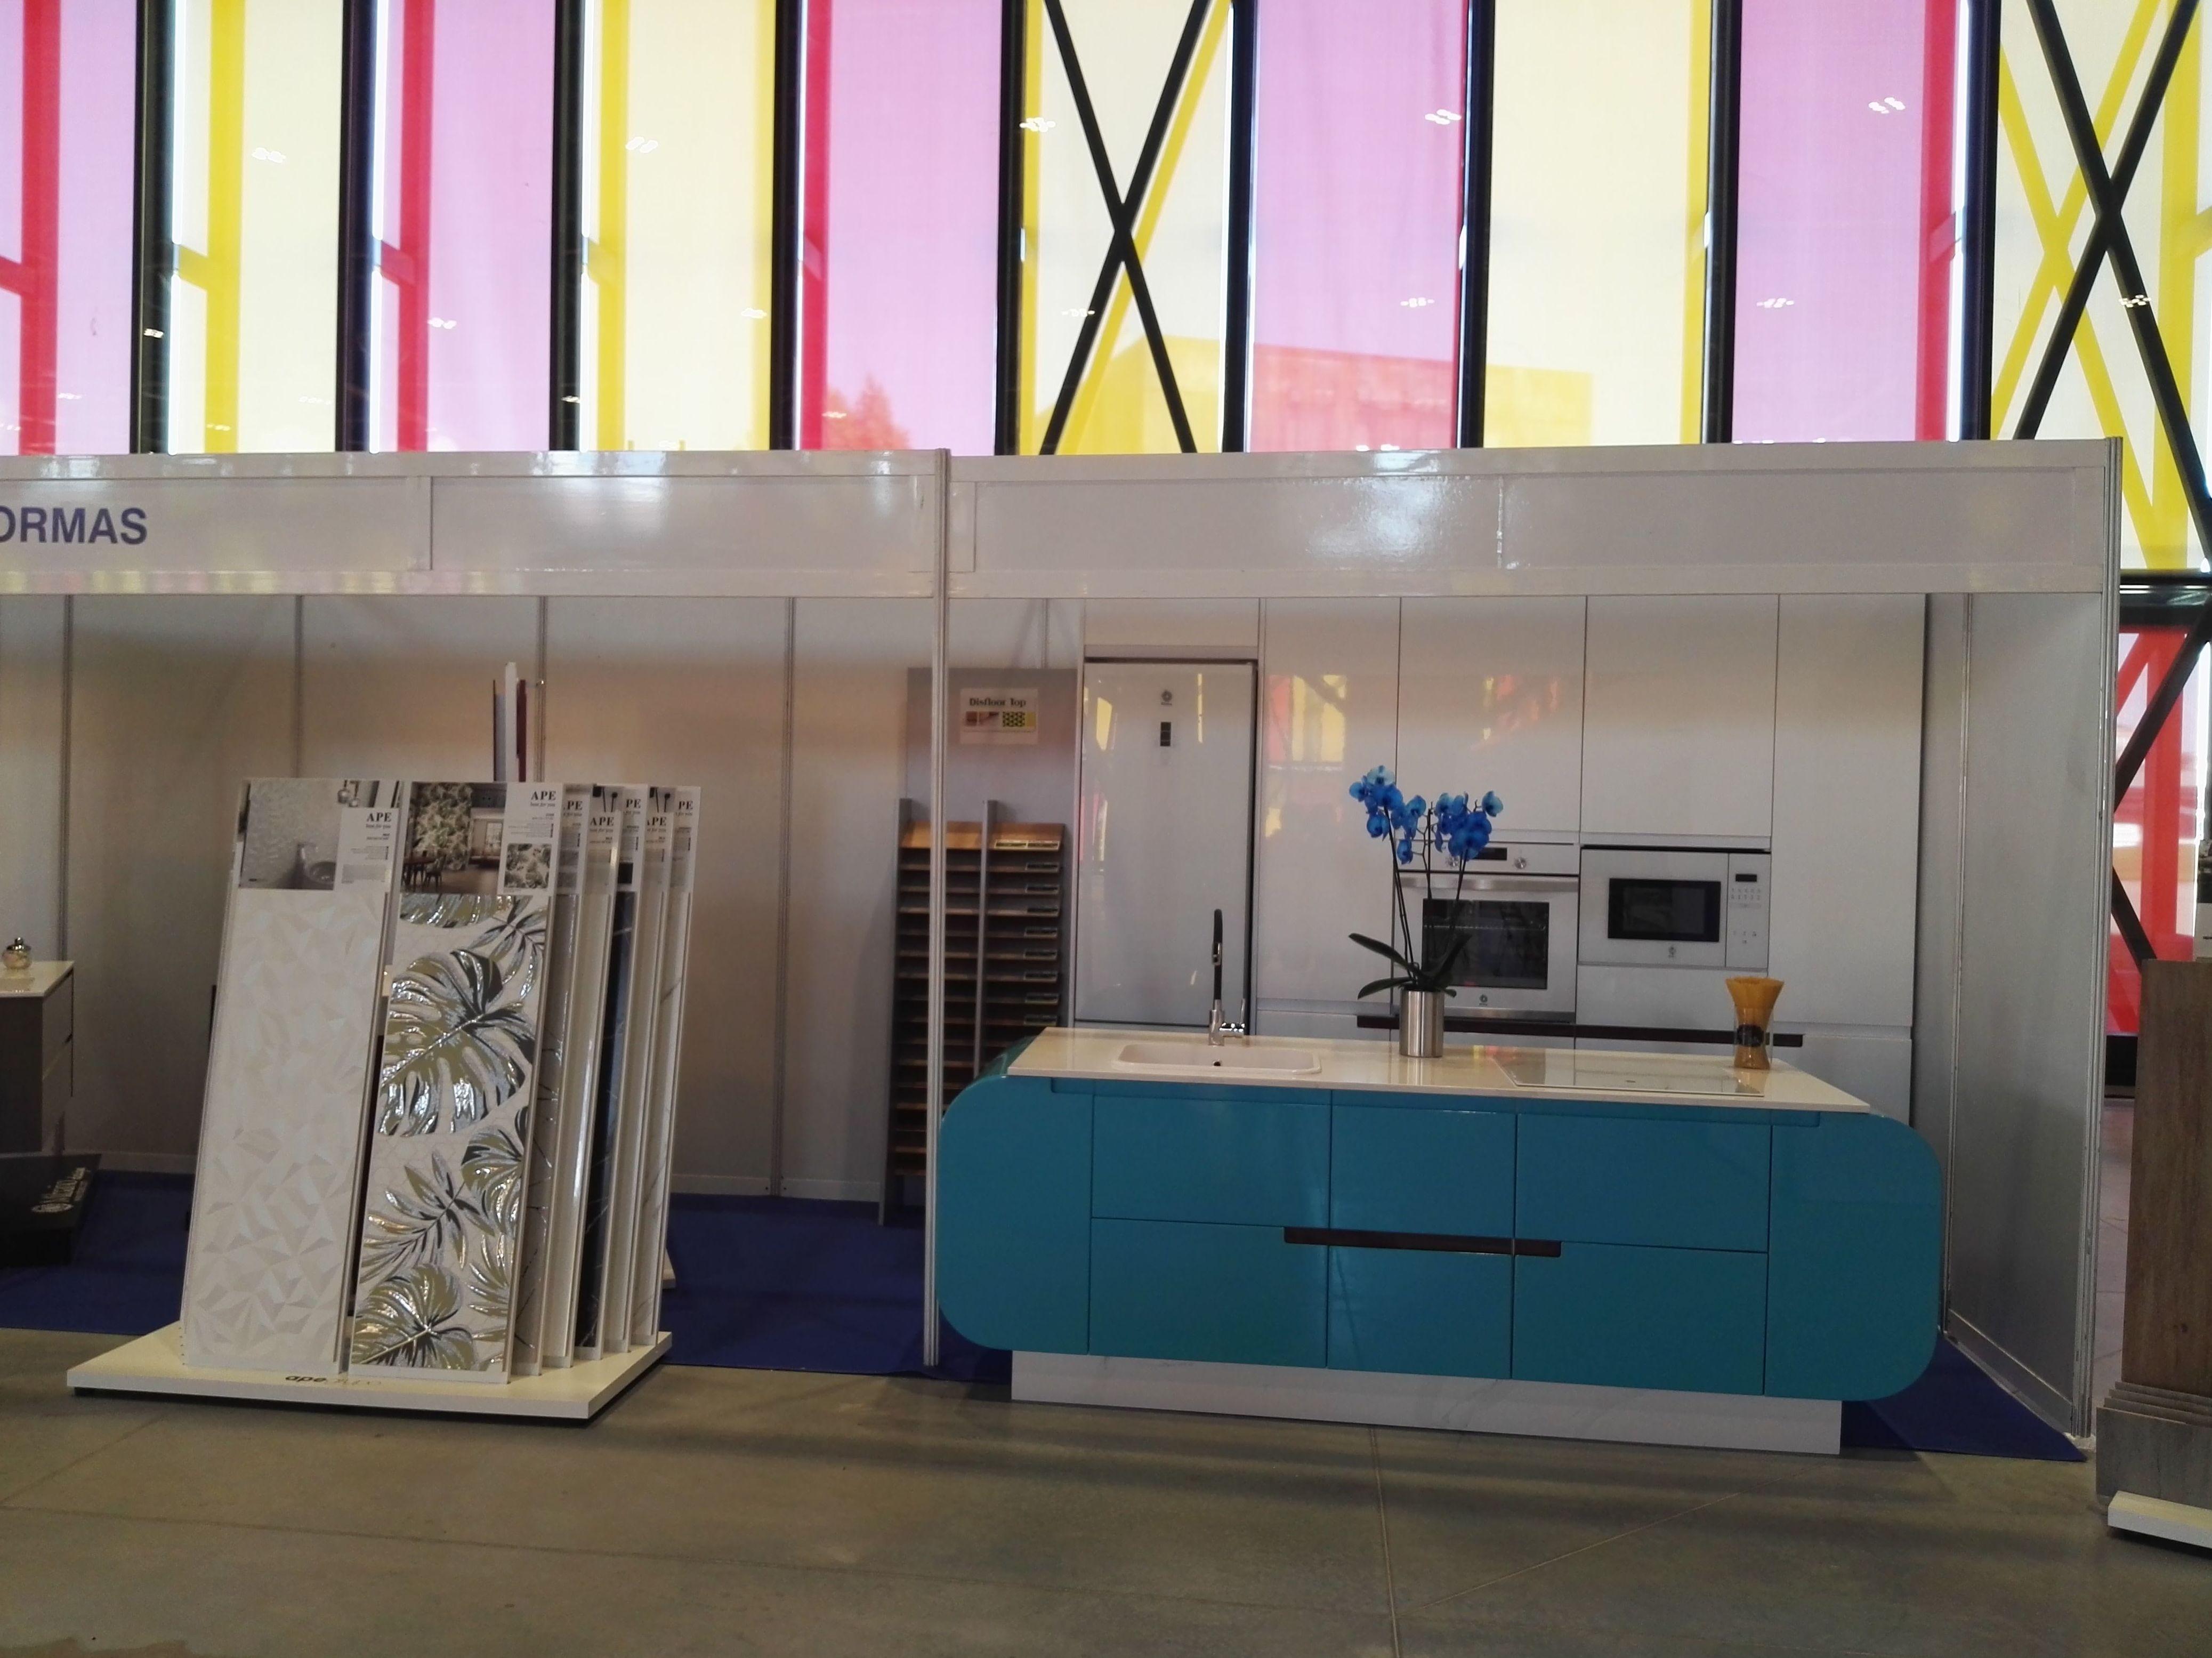 Cocinas a medida: Cocinas y baños de F. Alba, cocinas y baños